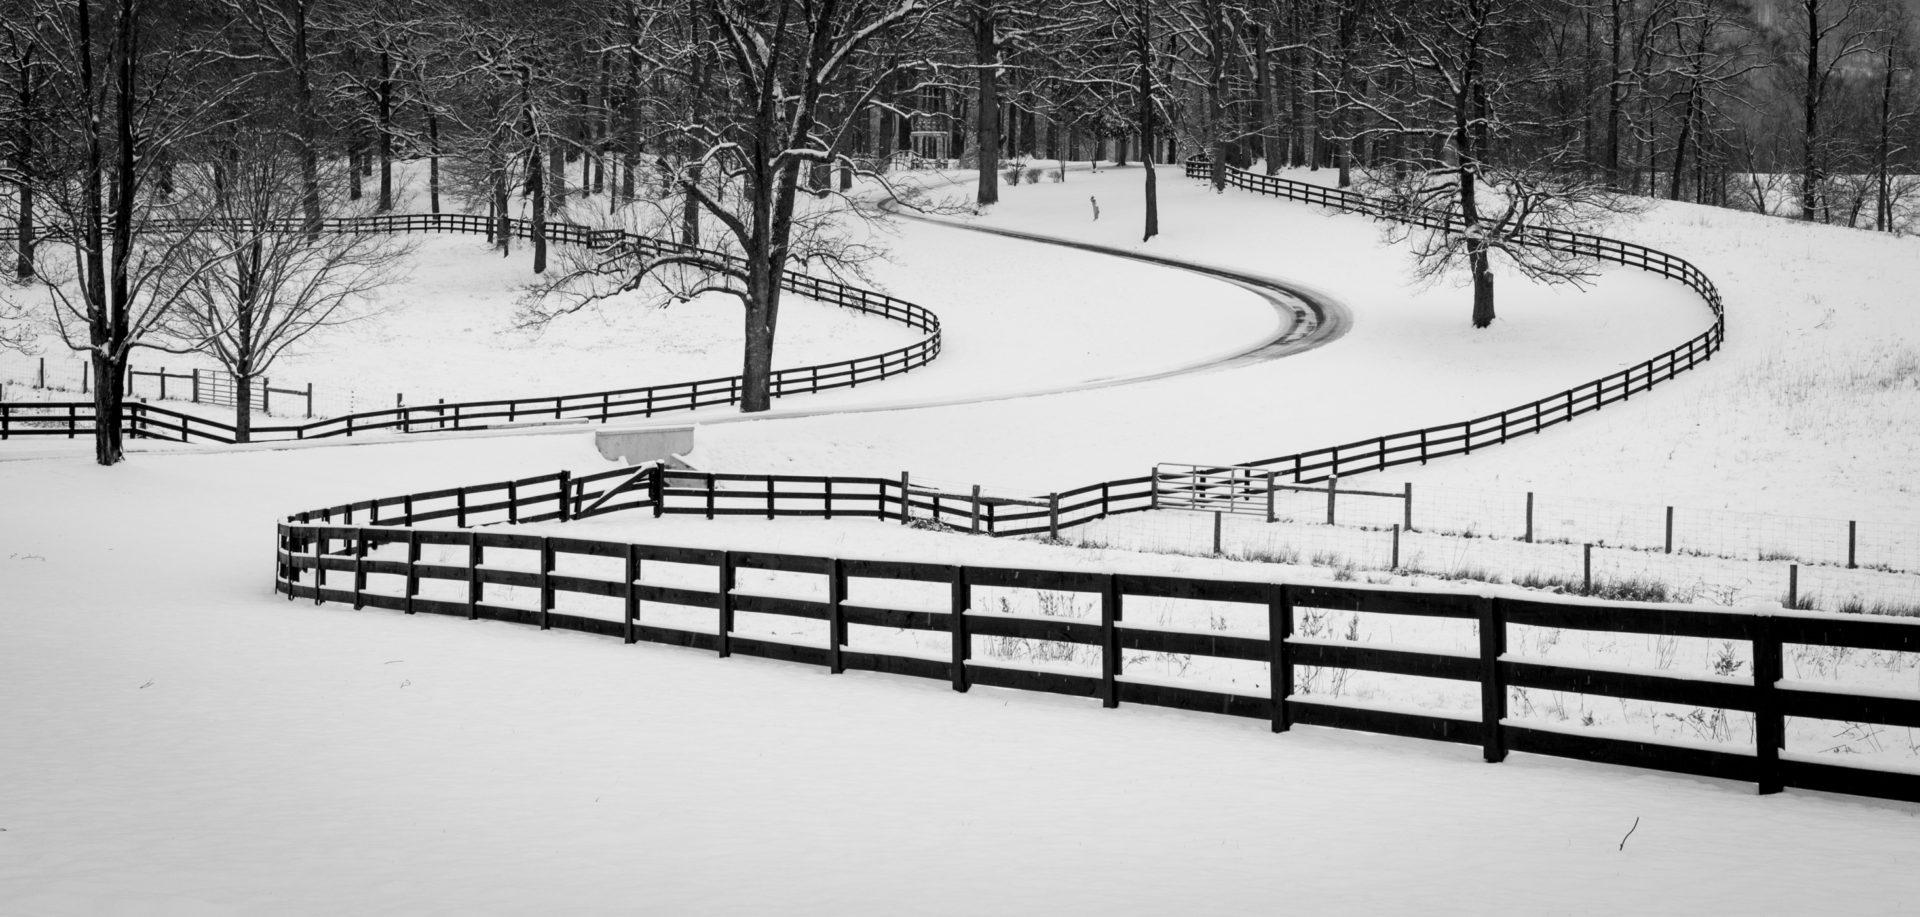 Greenwood, Virginia